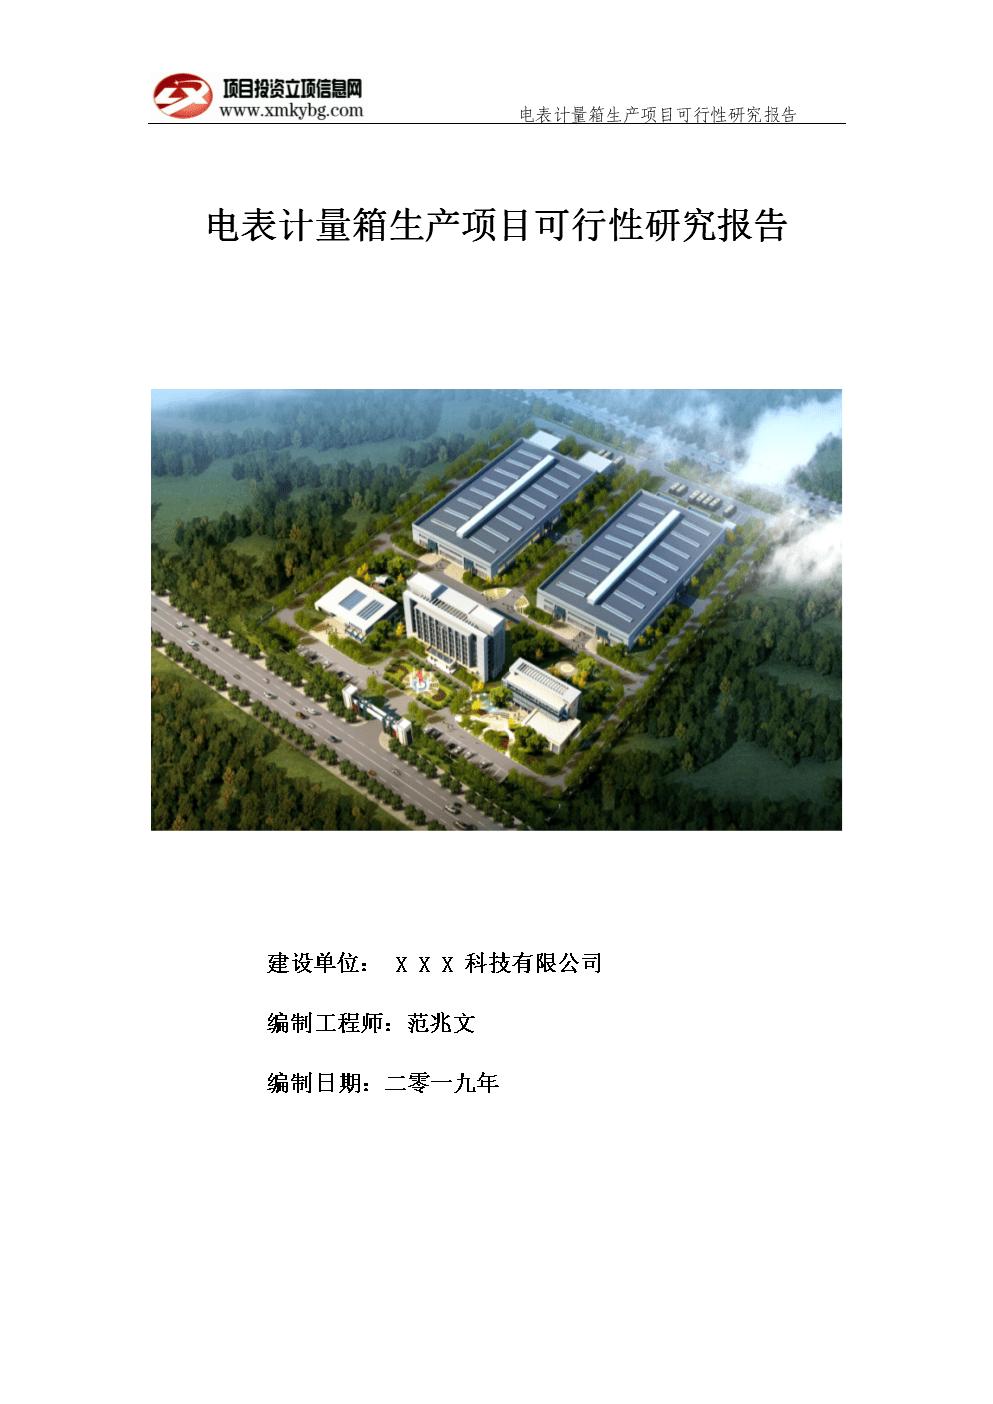 电表计量箱生产项目可行性研究报告-用于备案立项.doc